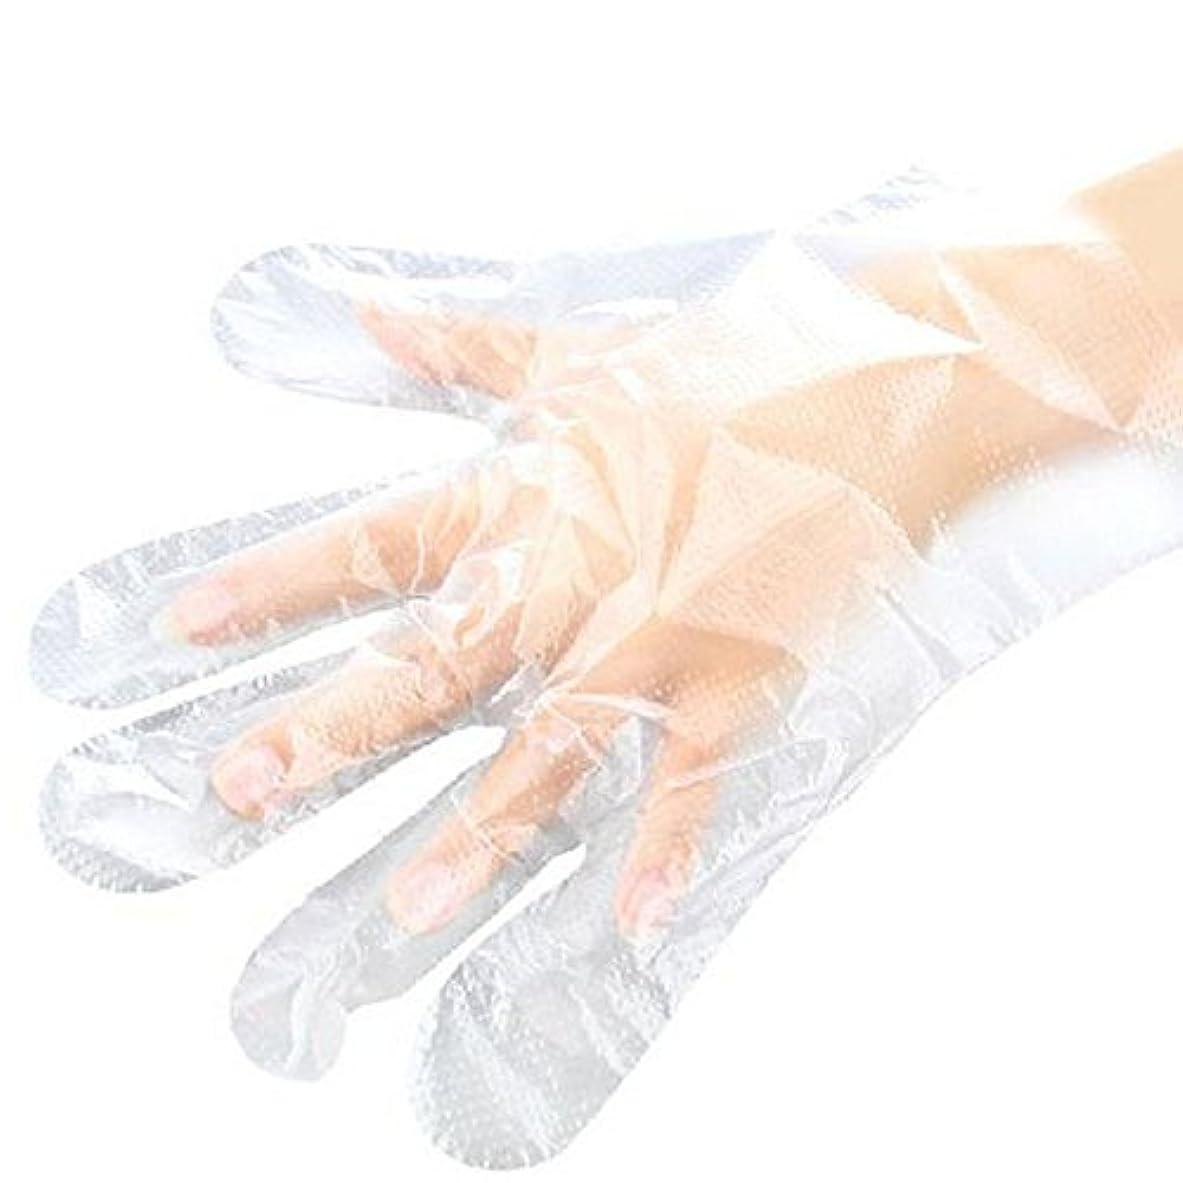 魔術アグネスグレイ電話をかける山の奥 使い捨て手袋 ポリエチレン使い切り手袋 極薄 調理 透明 実用 衛生 100枚入